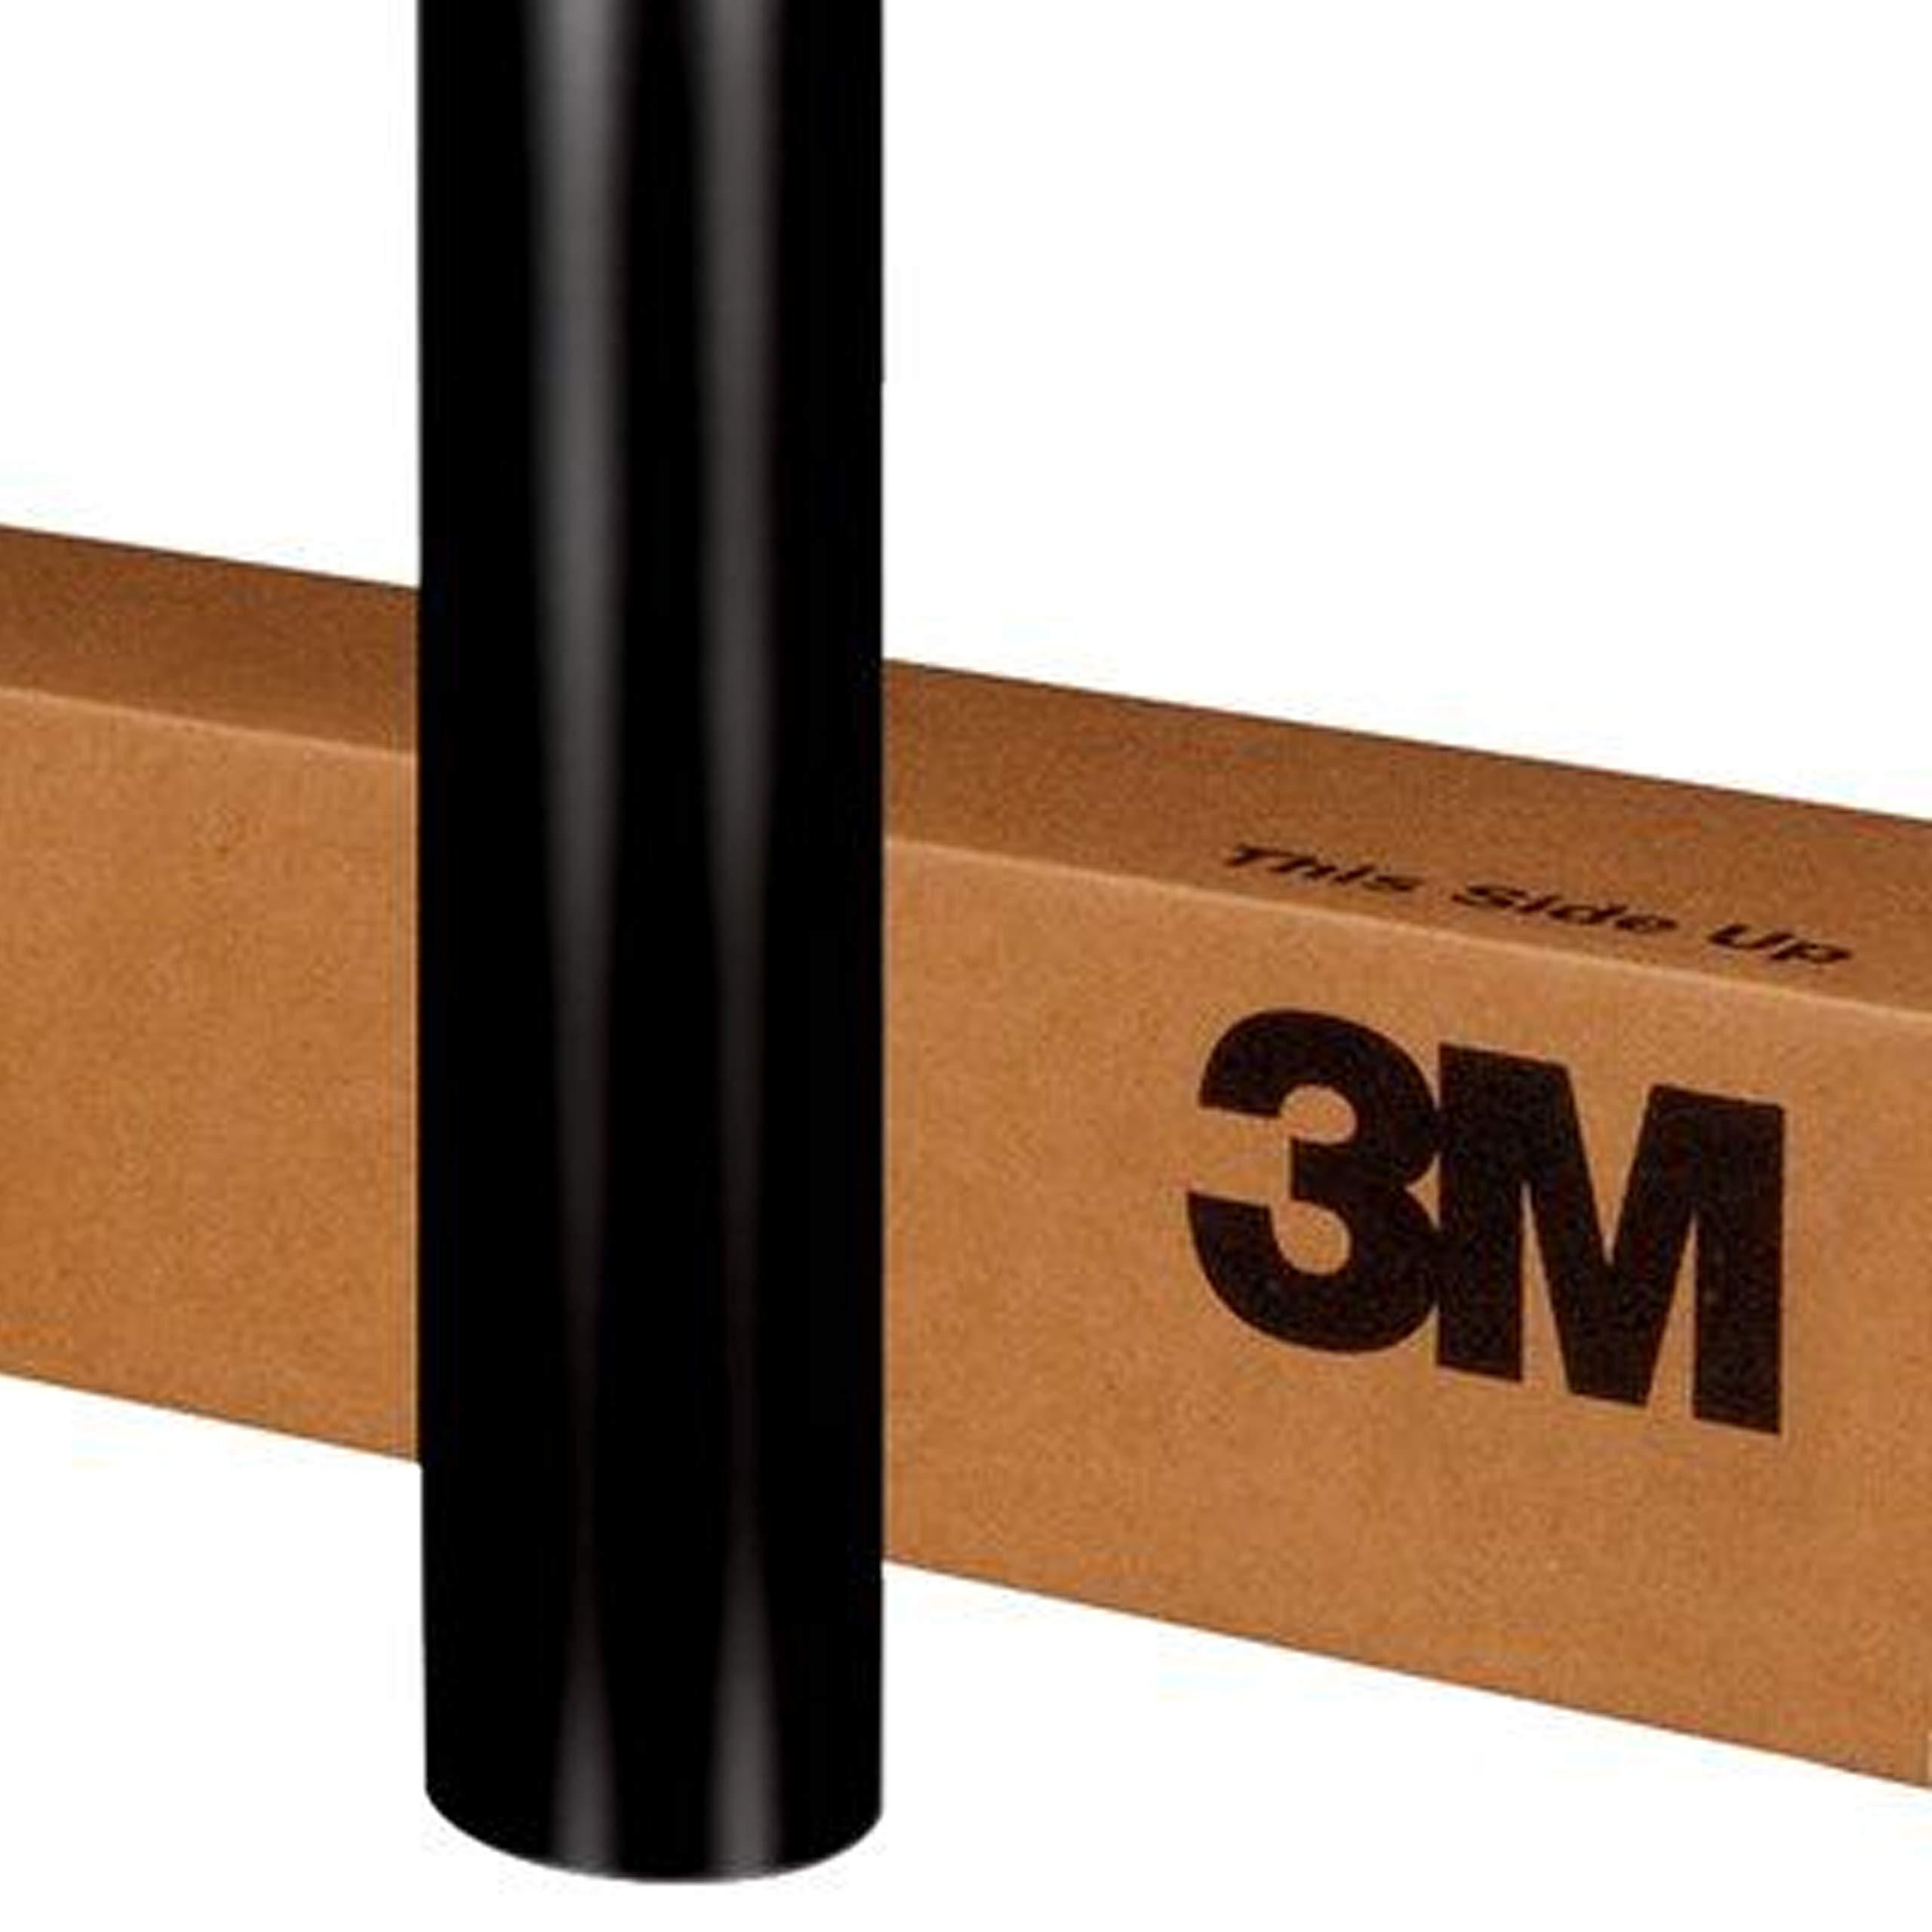 3M 1080 S12 SATIN BLACK 3in x 5in (SAMPLE SIZE) Car Wrap Vinyl Film by 3M (Image #1)